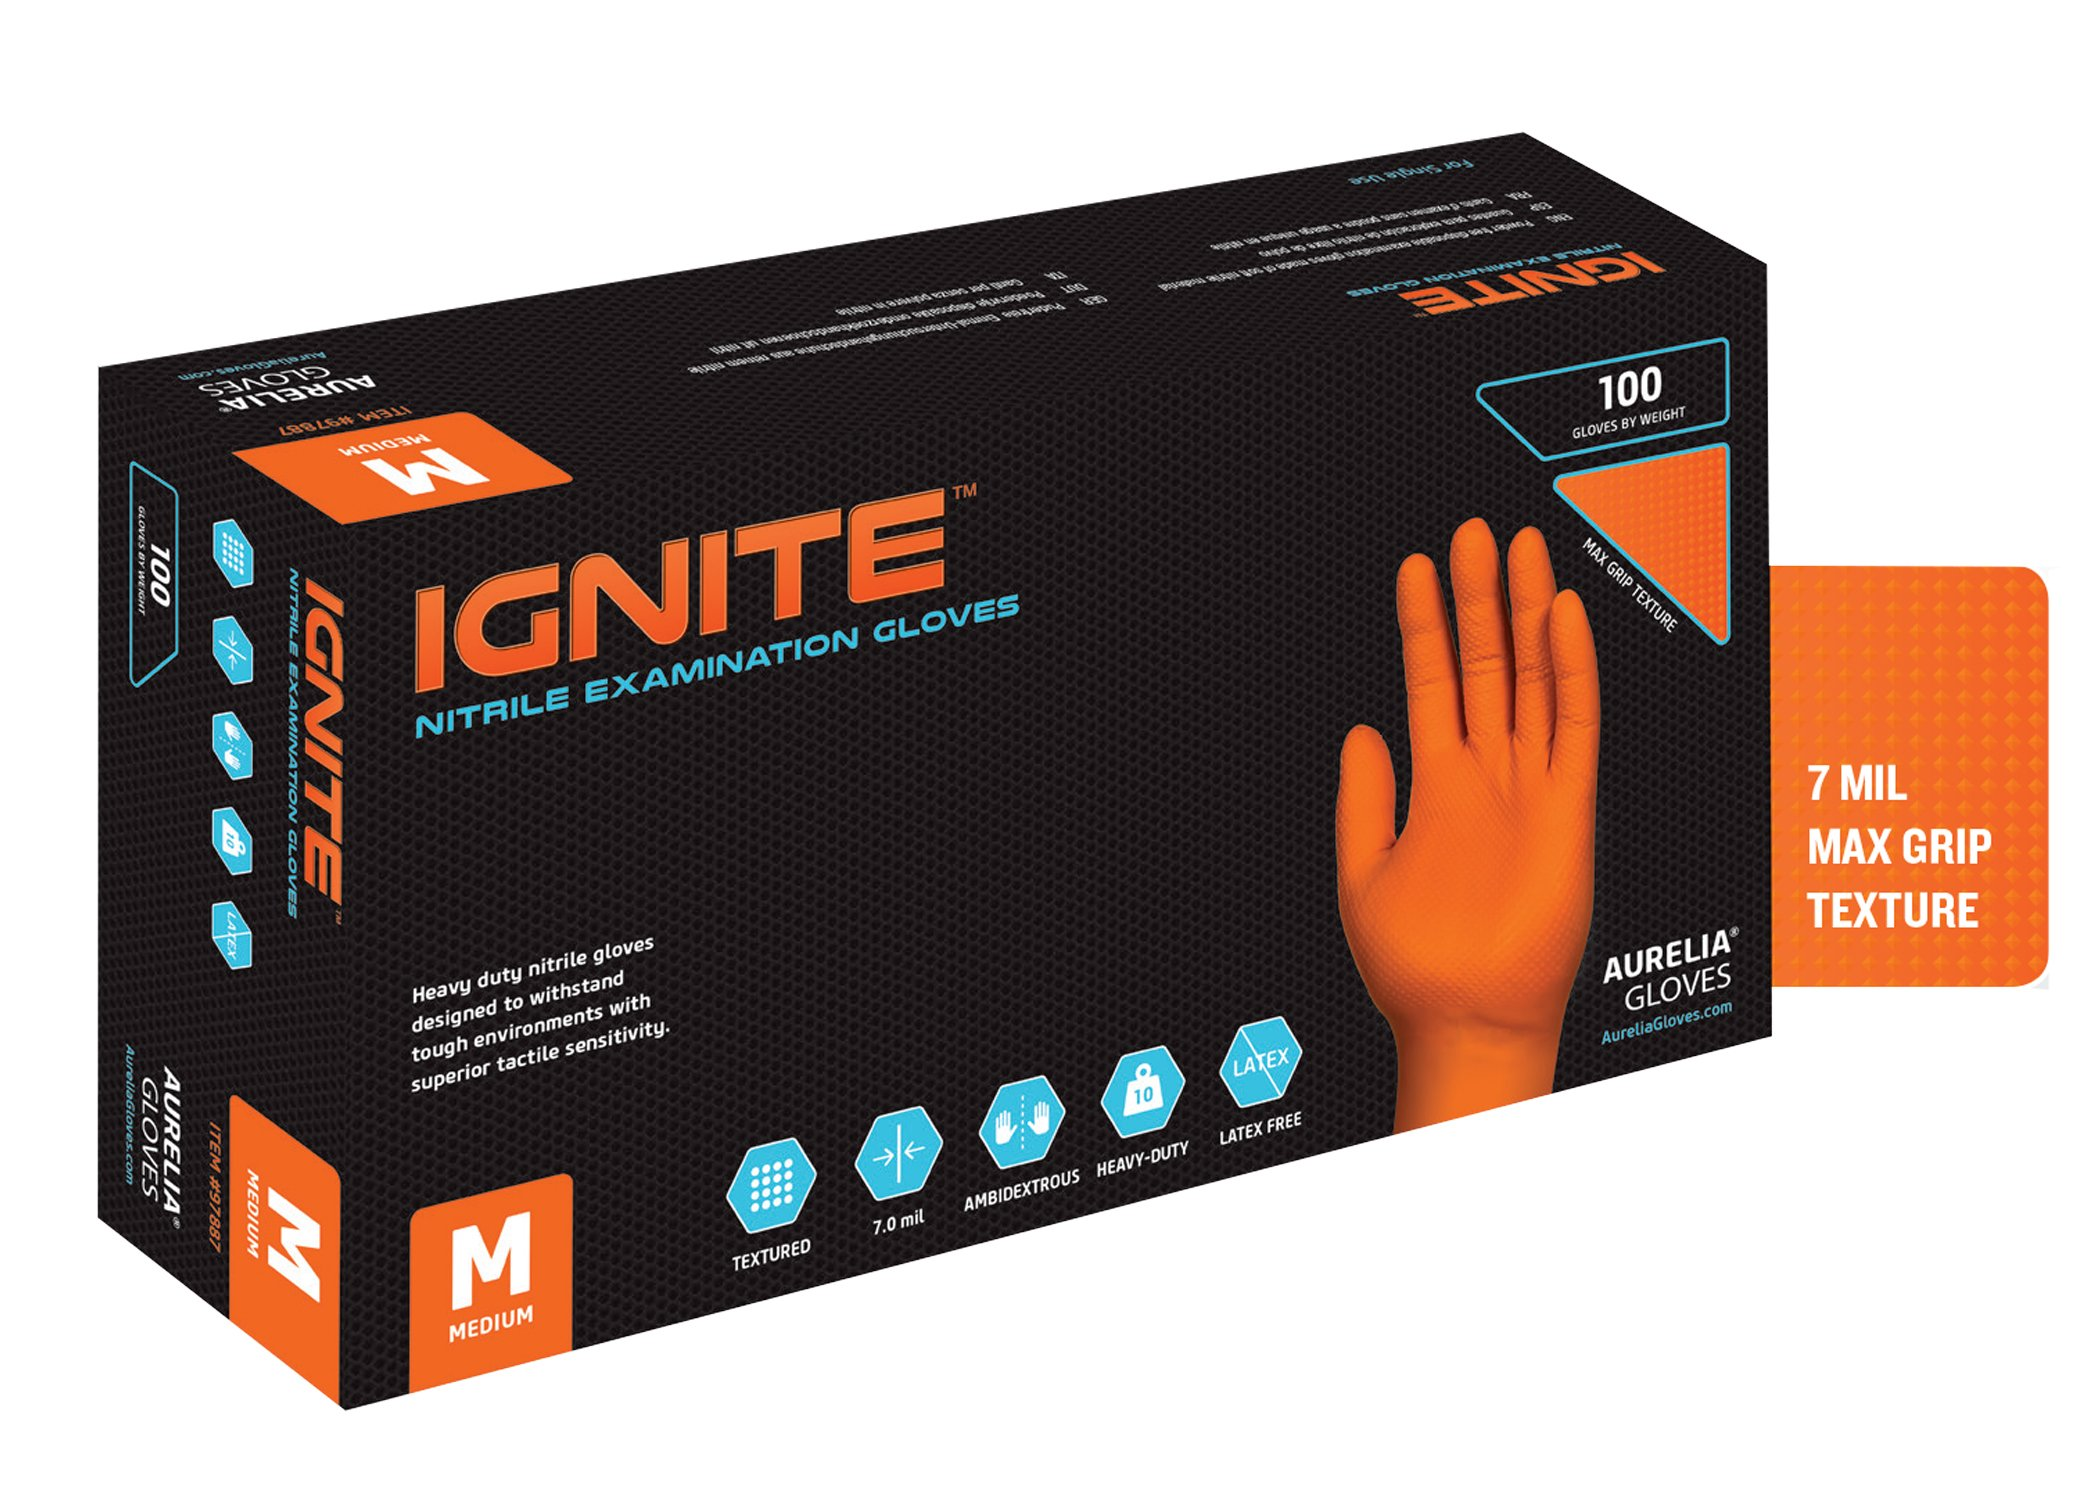 Aurelia 97888 Ignite Heavy-Duty Nitrile Gloves, Capacity, Volume, Nitrile, Large, Orange (Pack of 1000)